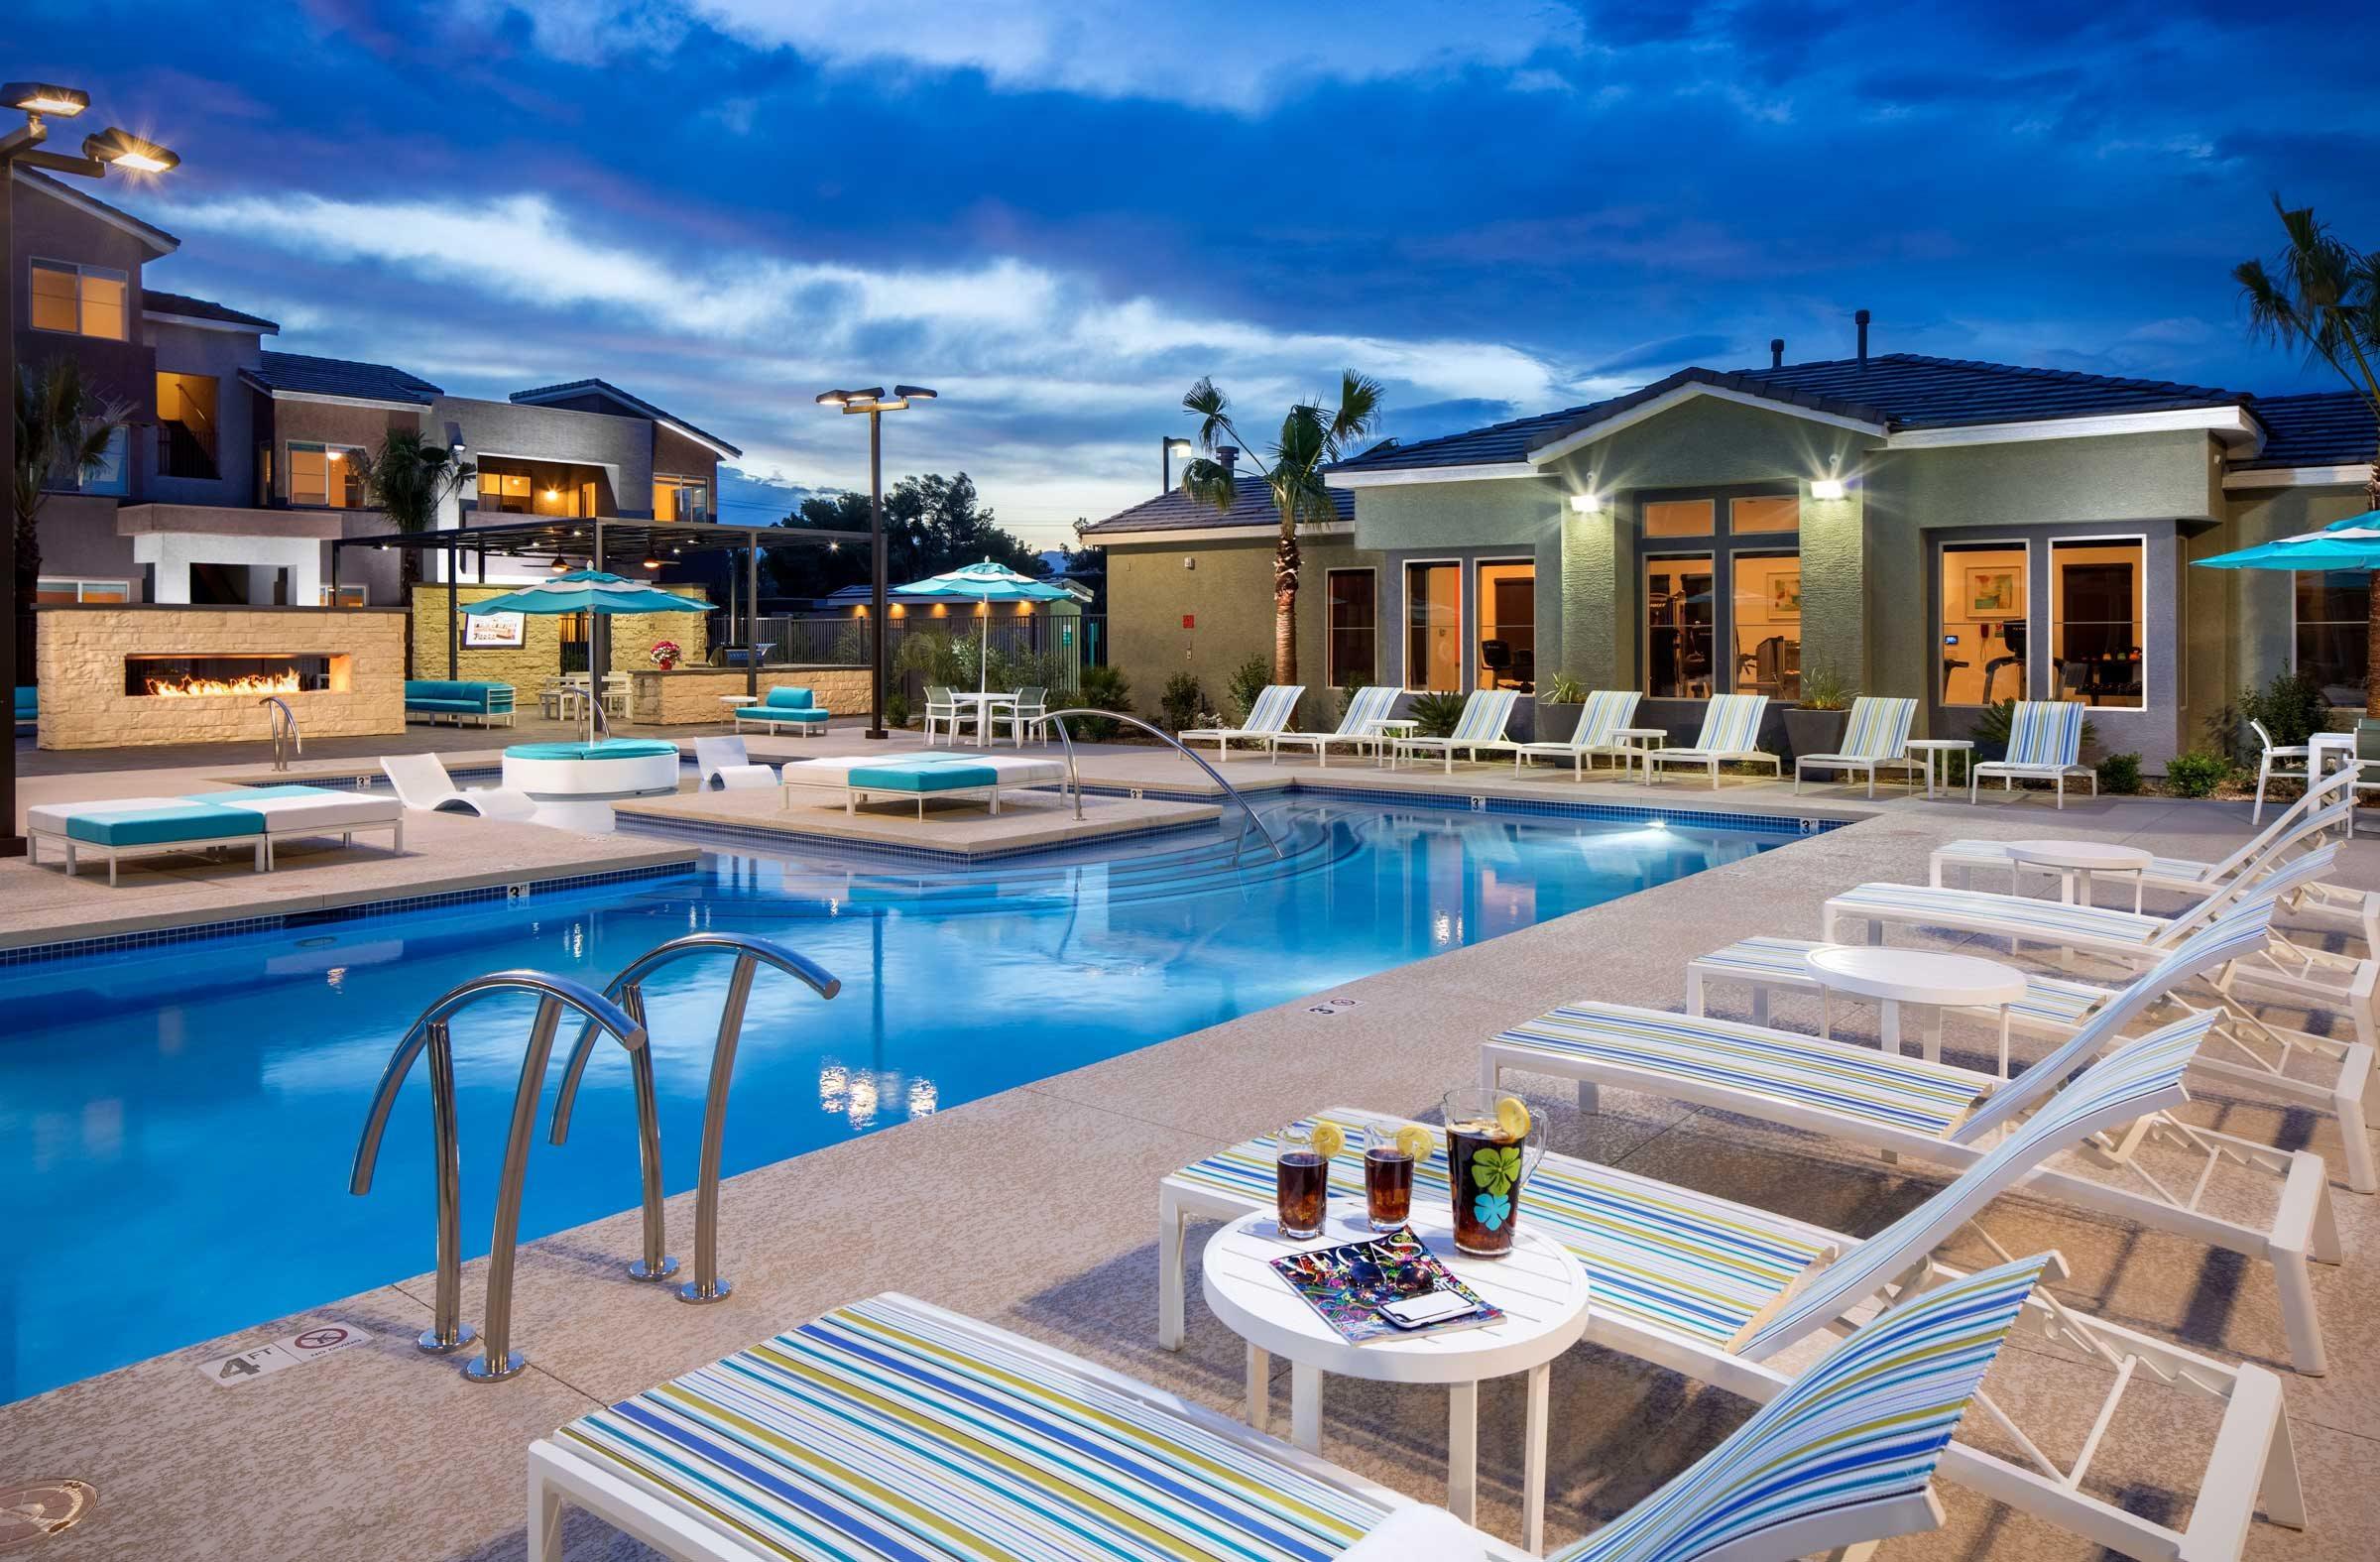 Las Vegas homepagegallery 1